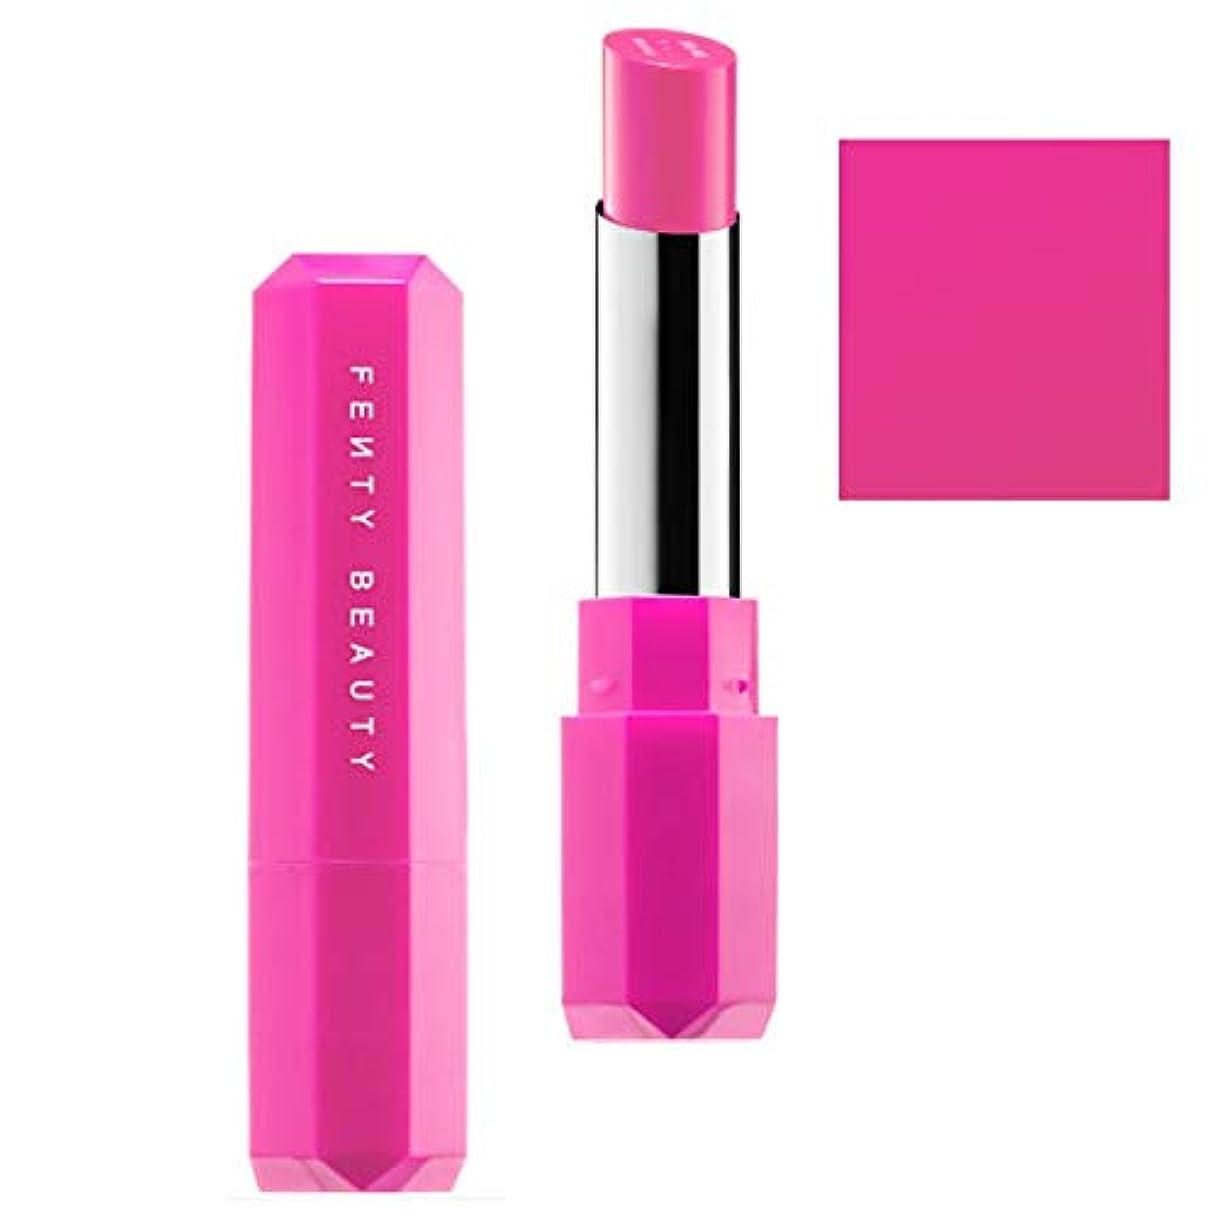 モスインセンティブみなさんFENTY BEAUTY BY RIHANNA,New!!, 限定版 limited-edition, Poutsicle Juicy Satin Lipstick - Alpha Doll [海外直送品] [並行輸入品]